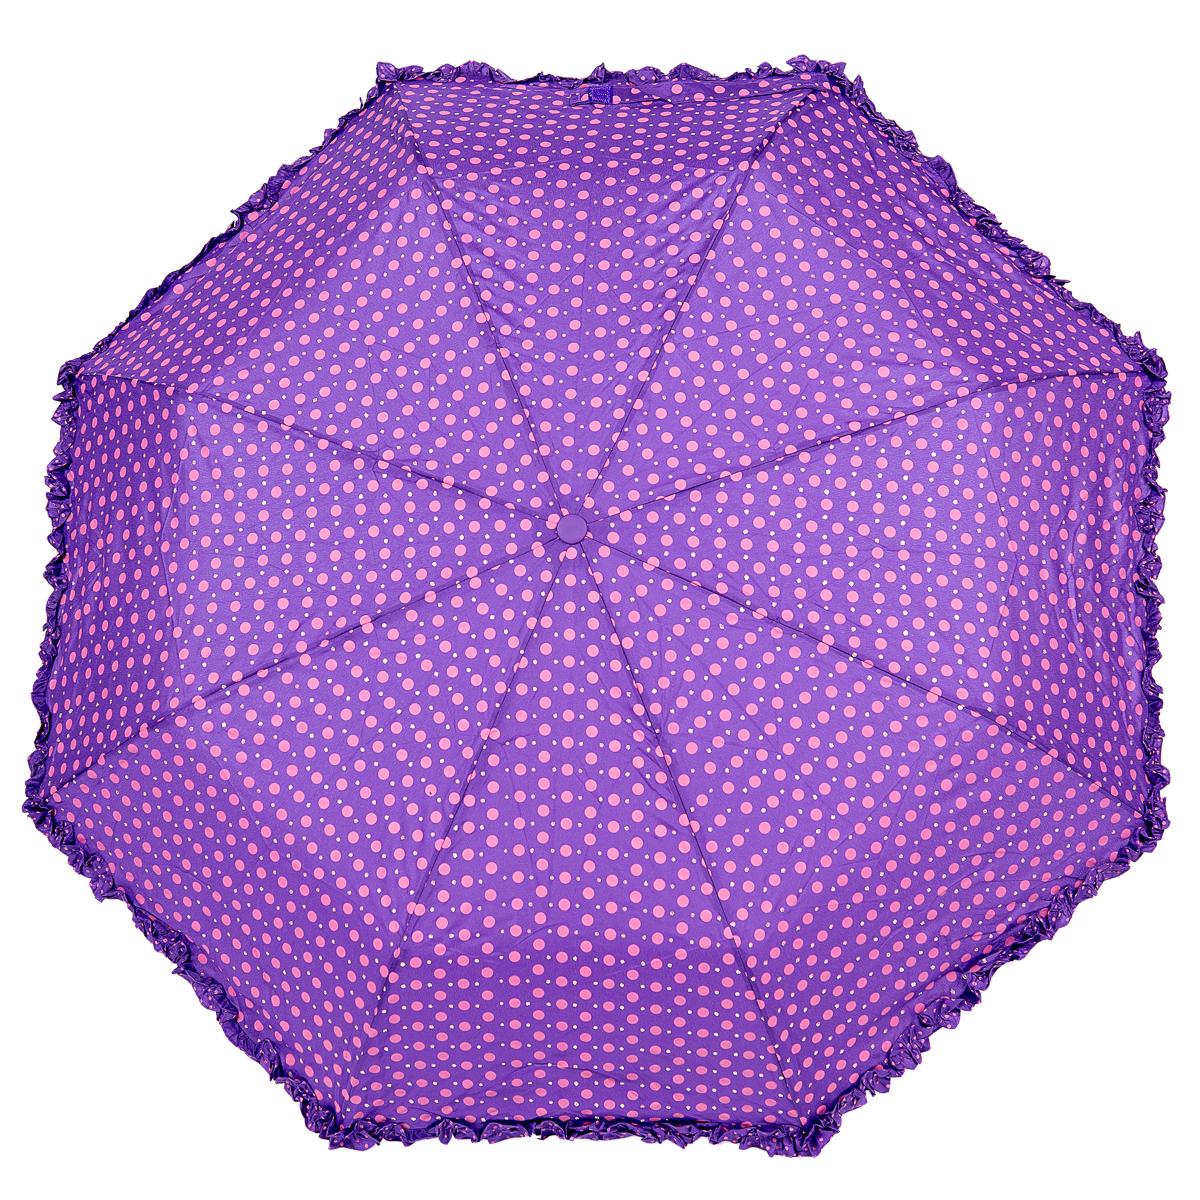 Зонт женский Nuages, цвет: сиреневый. NZ33068/1CX1516-50-10Элегантный зонтик. Полный автомат, 3 сложения, система антиветер. Дизайн - горошек, декорирован рюшей по краю зонта.